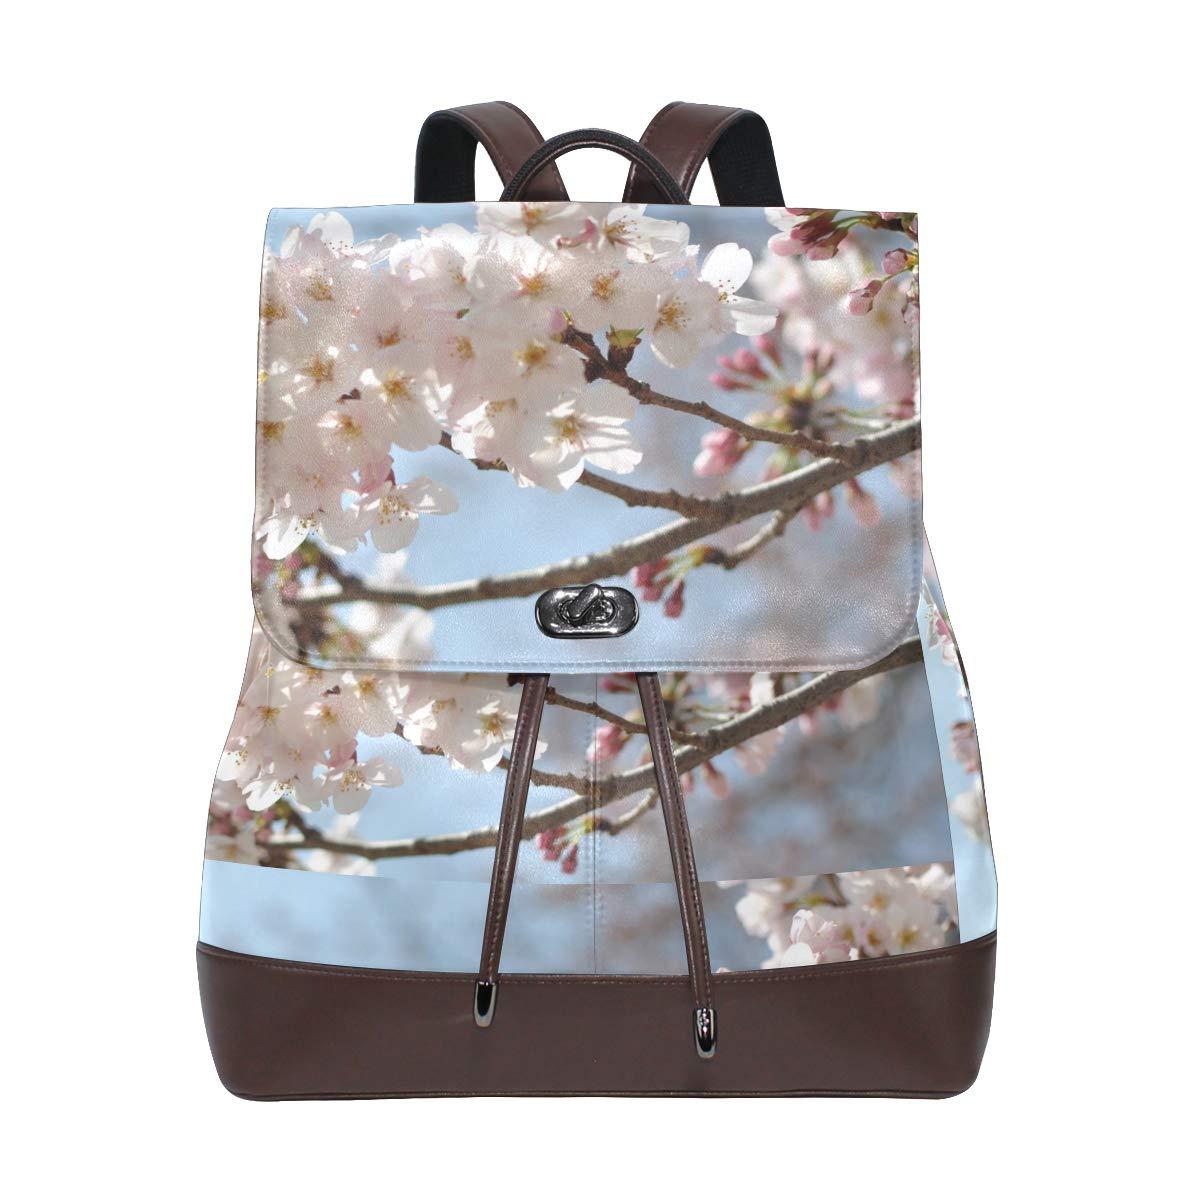 FAJRO Cherry Blossomtravel zaino borsa scuola confezione